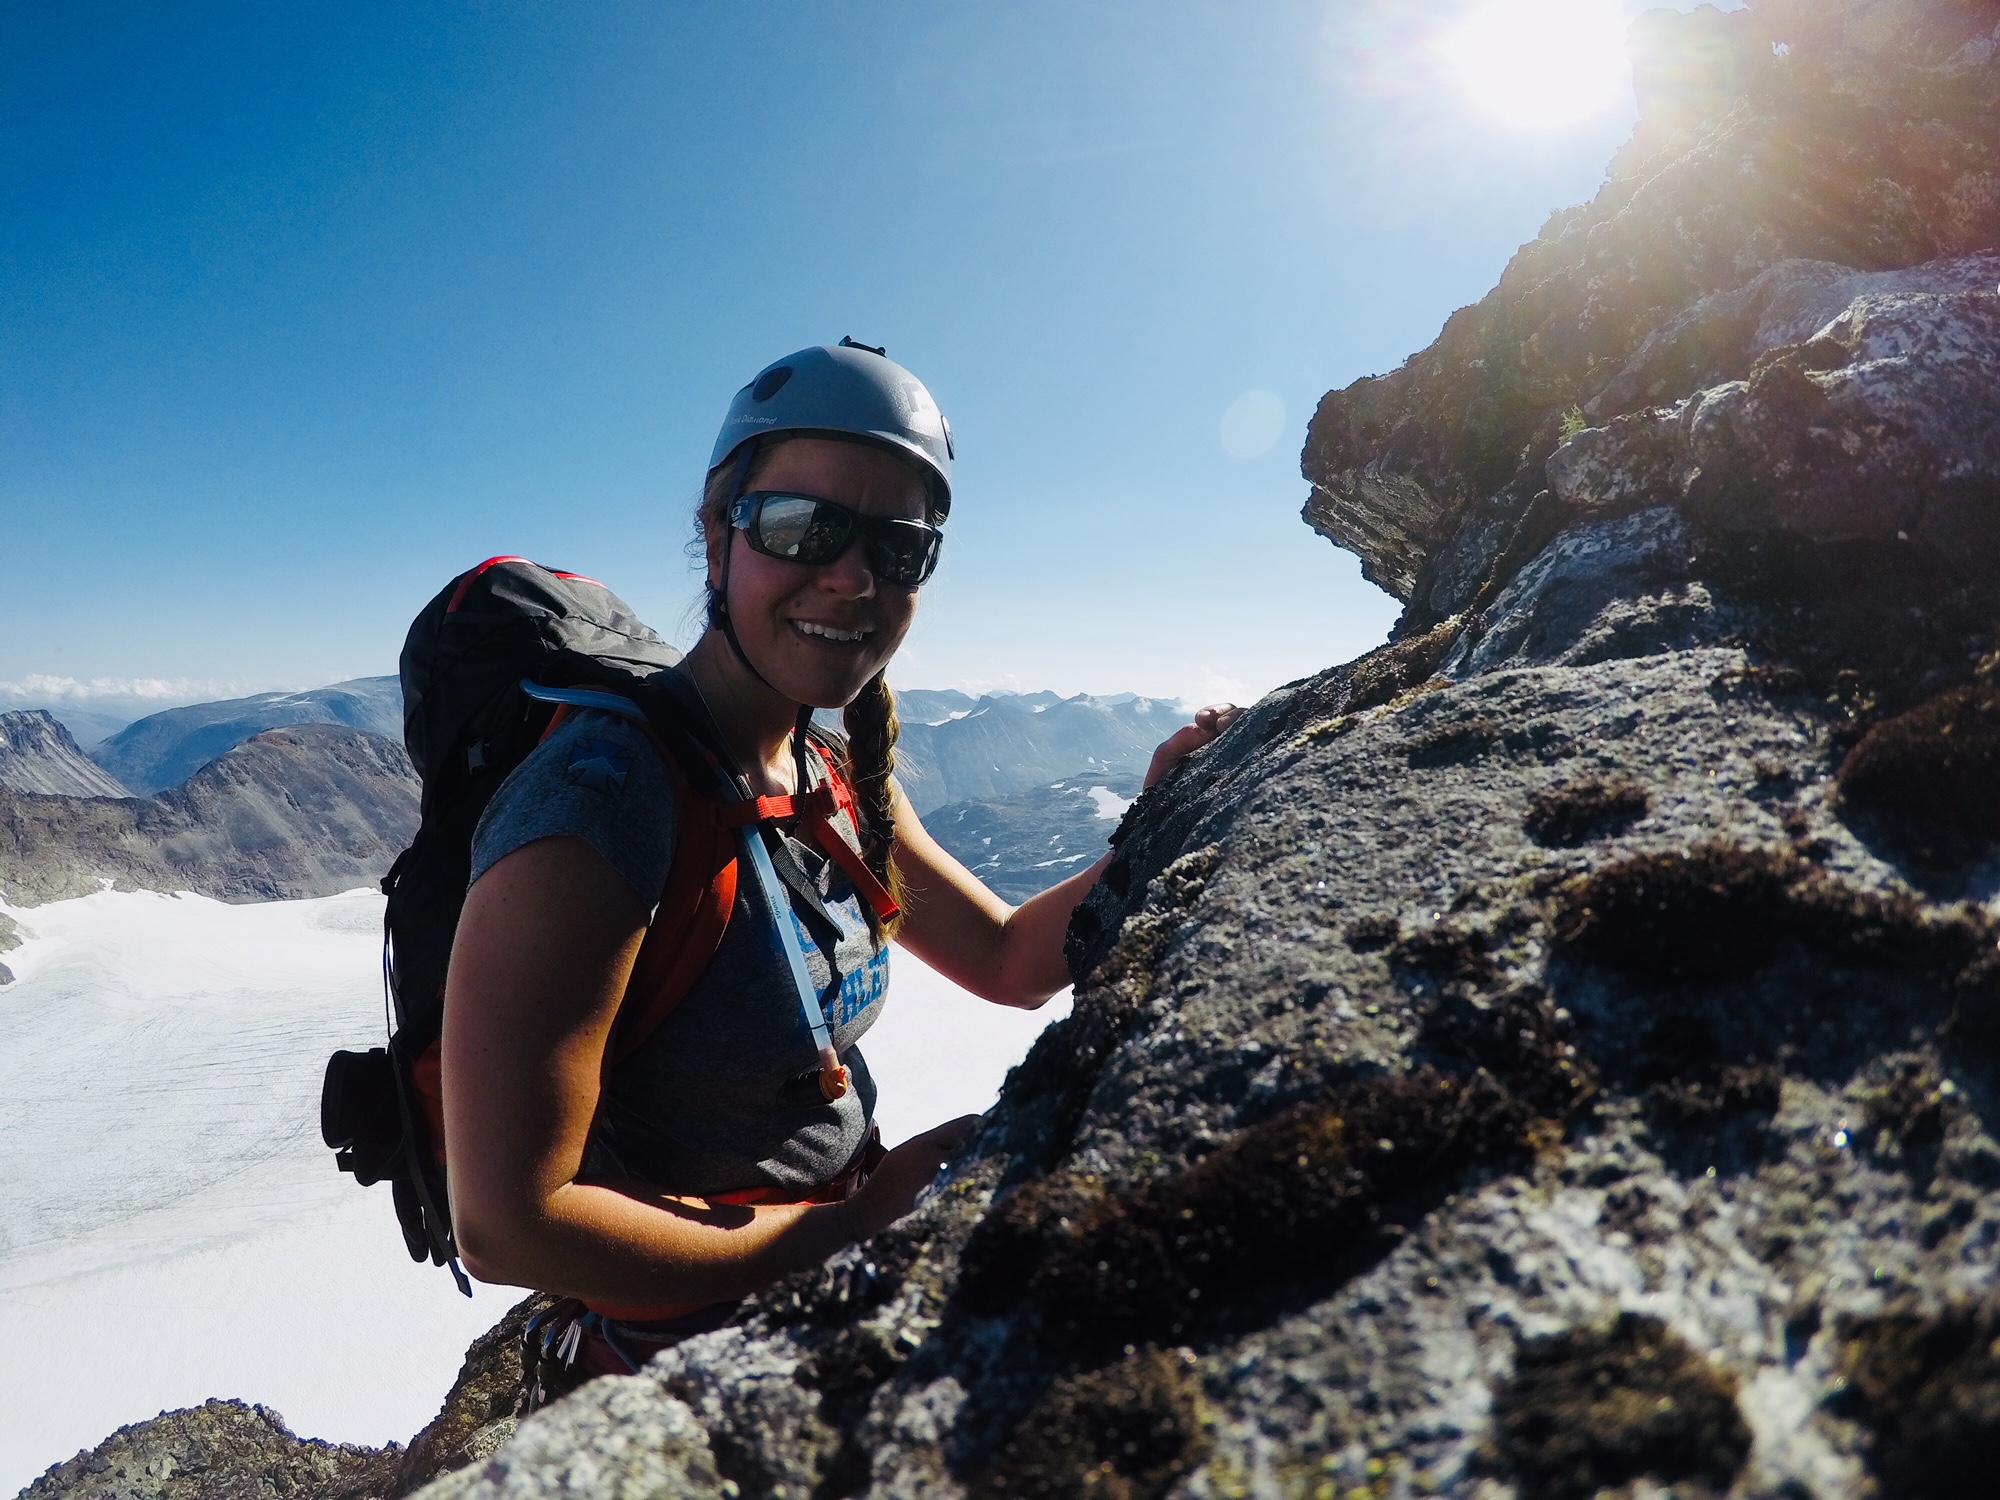 norja ja kalliokiipeily